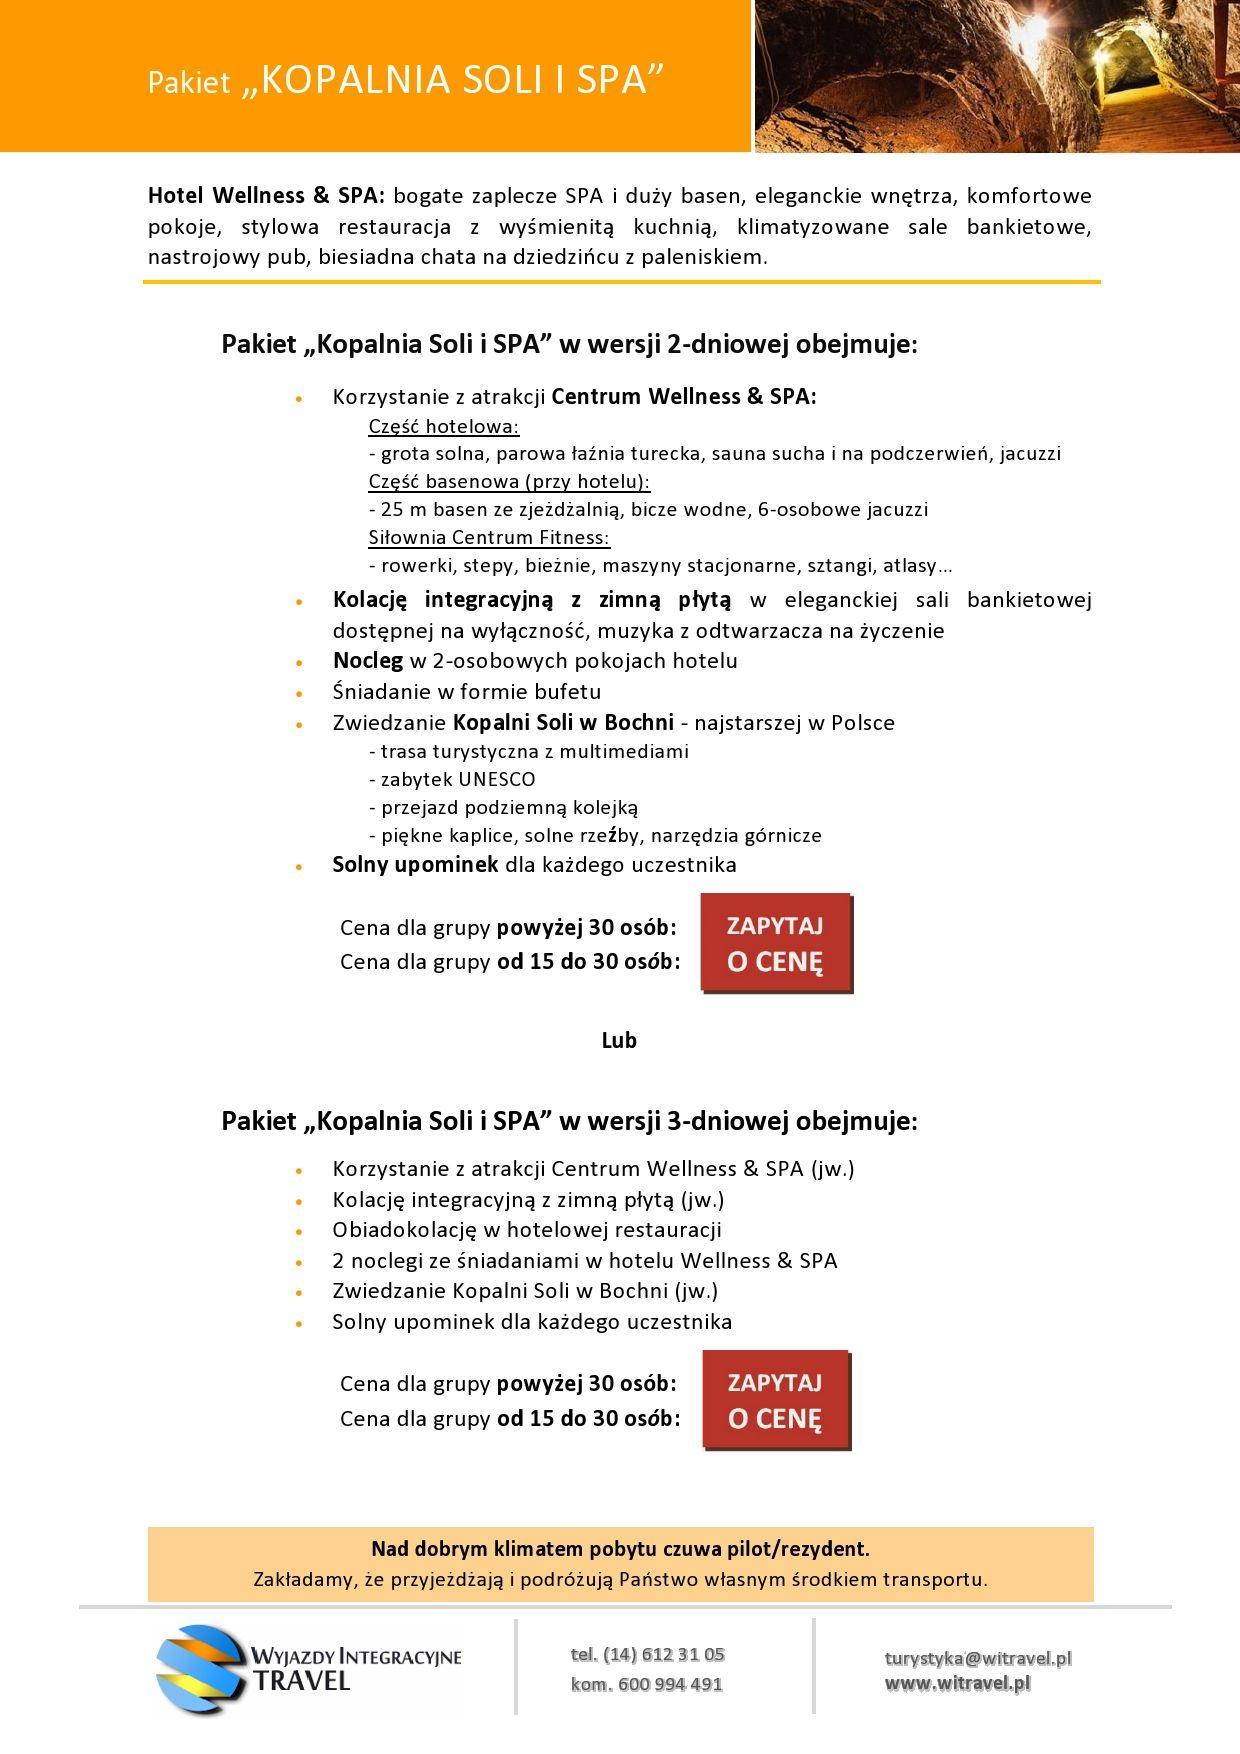 WI Travel - Pakiet Kopalnia Soli i SPA